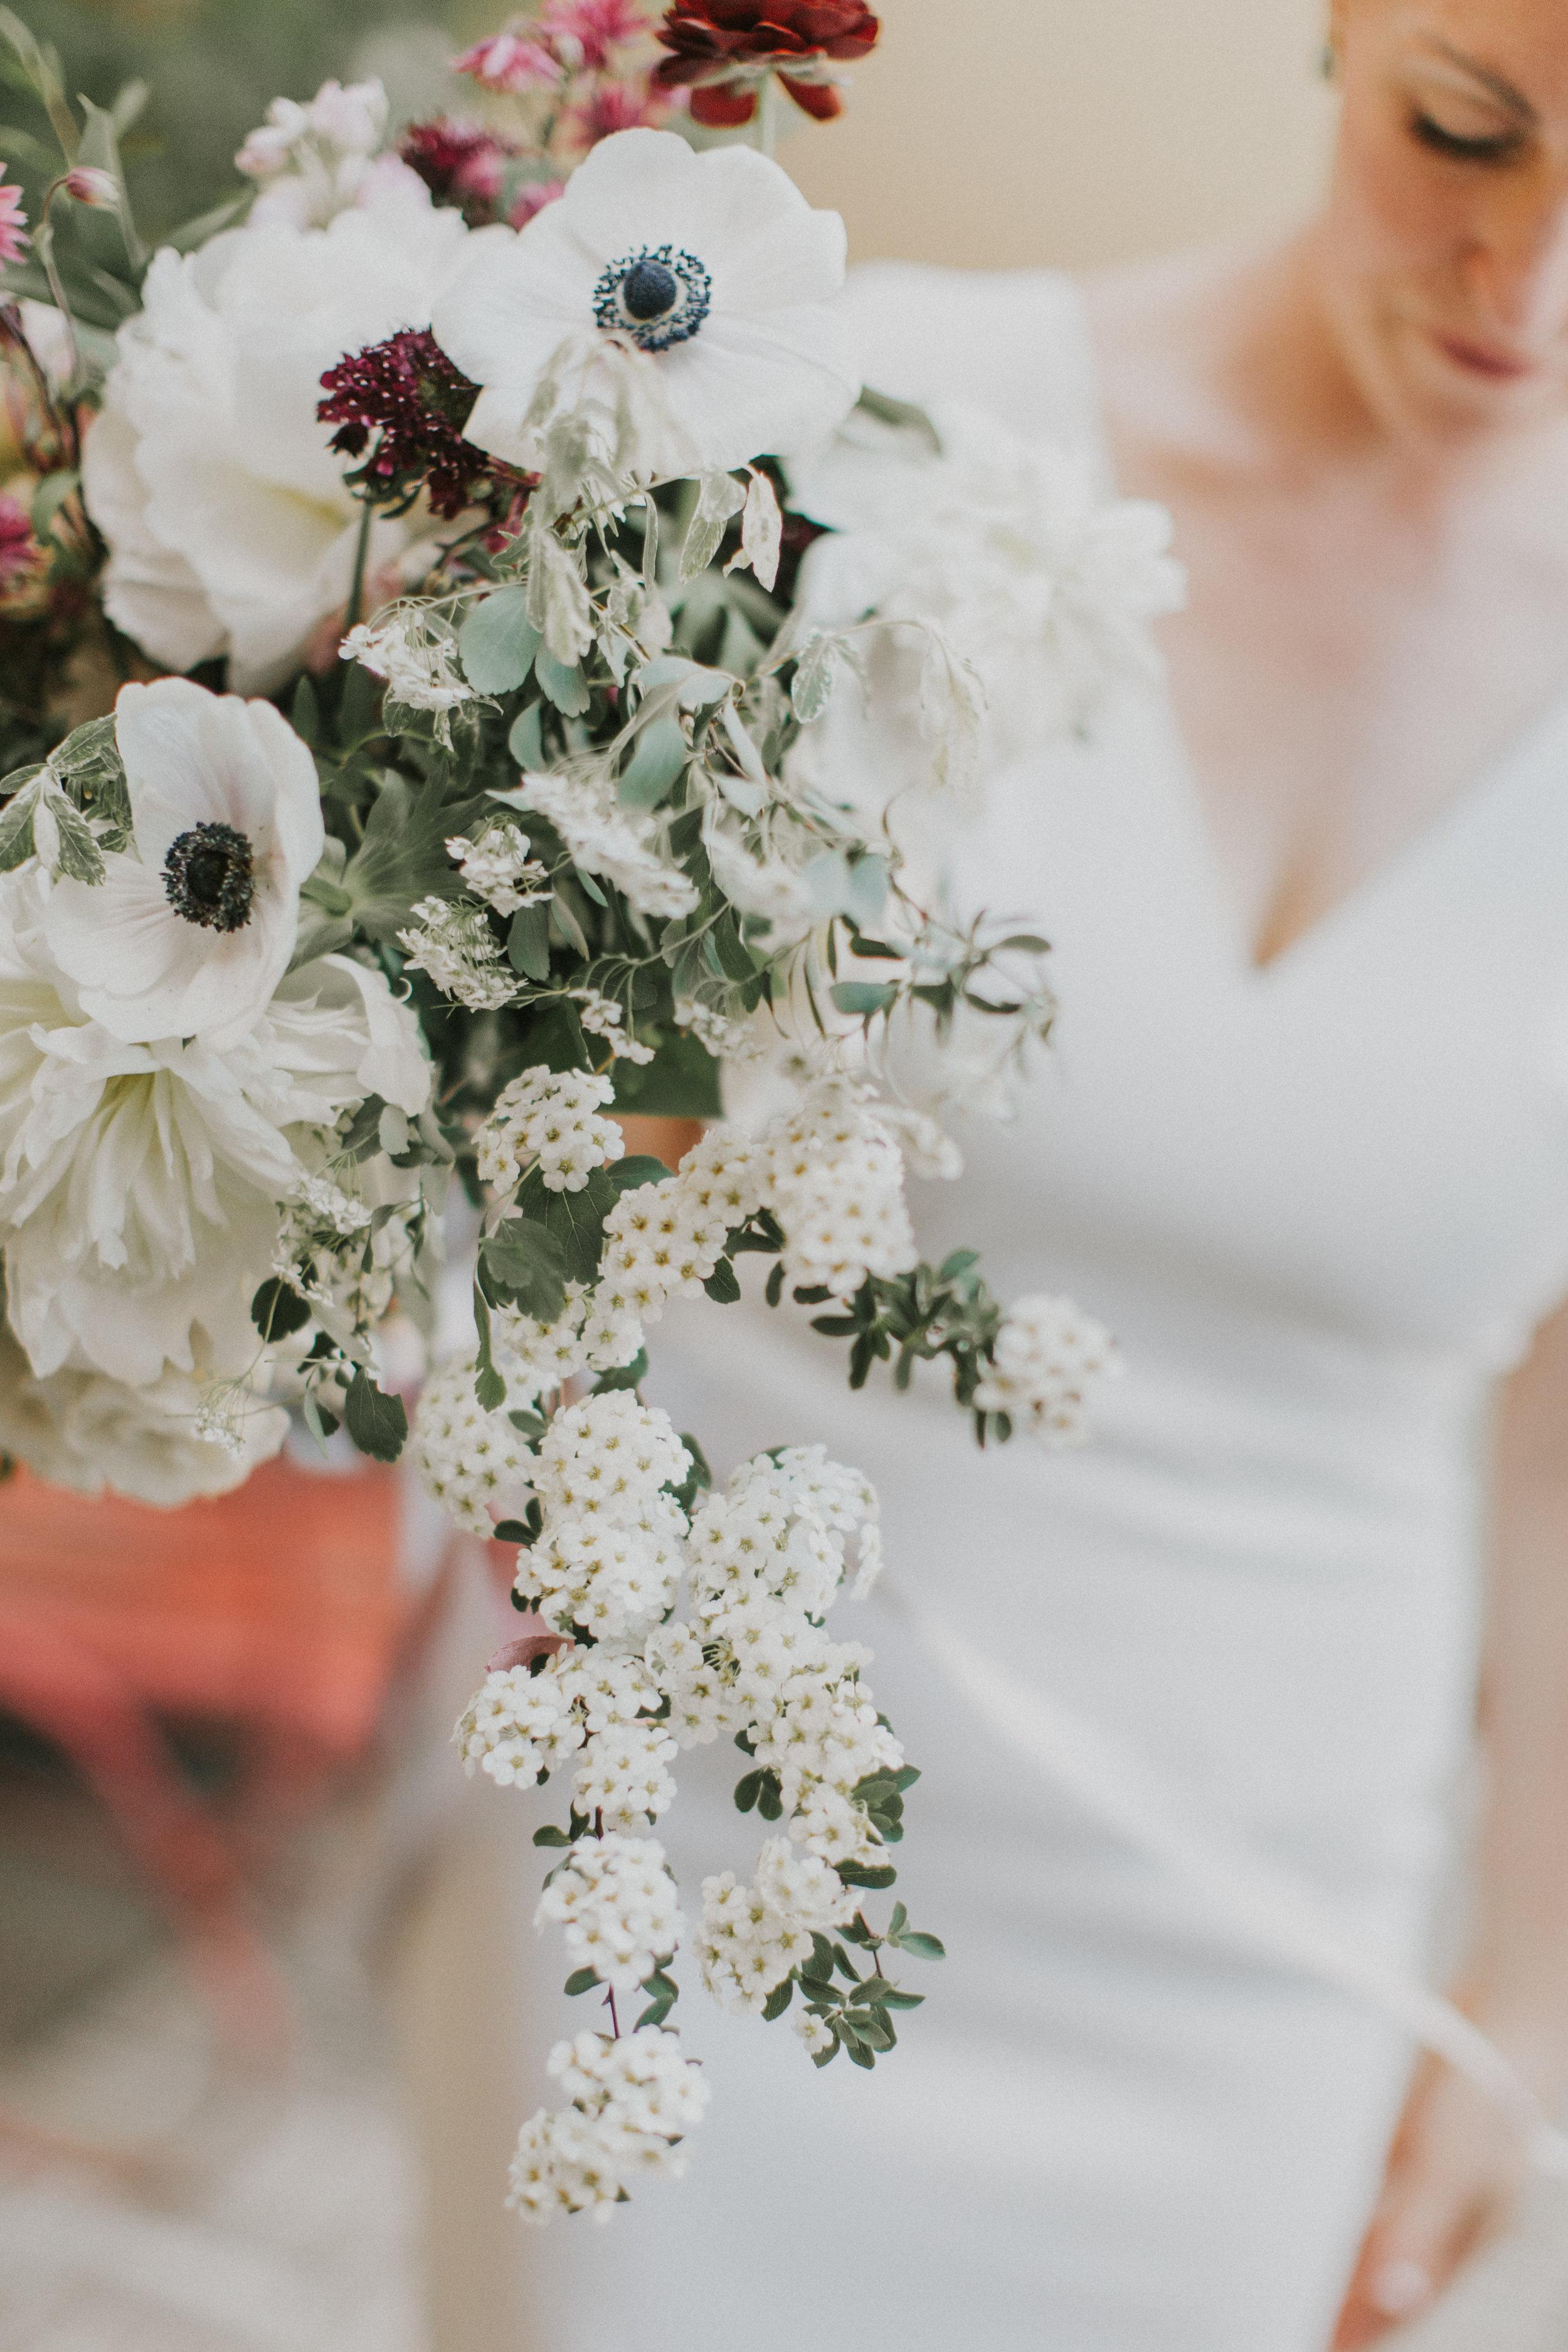 Watershed_Floral_Maine_Wedding_Florist_220.jpg